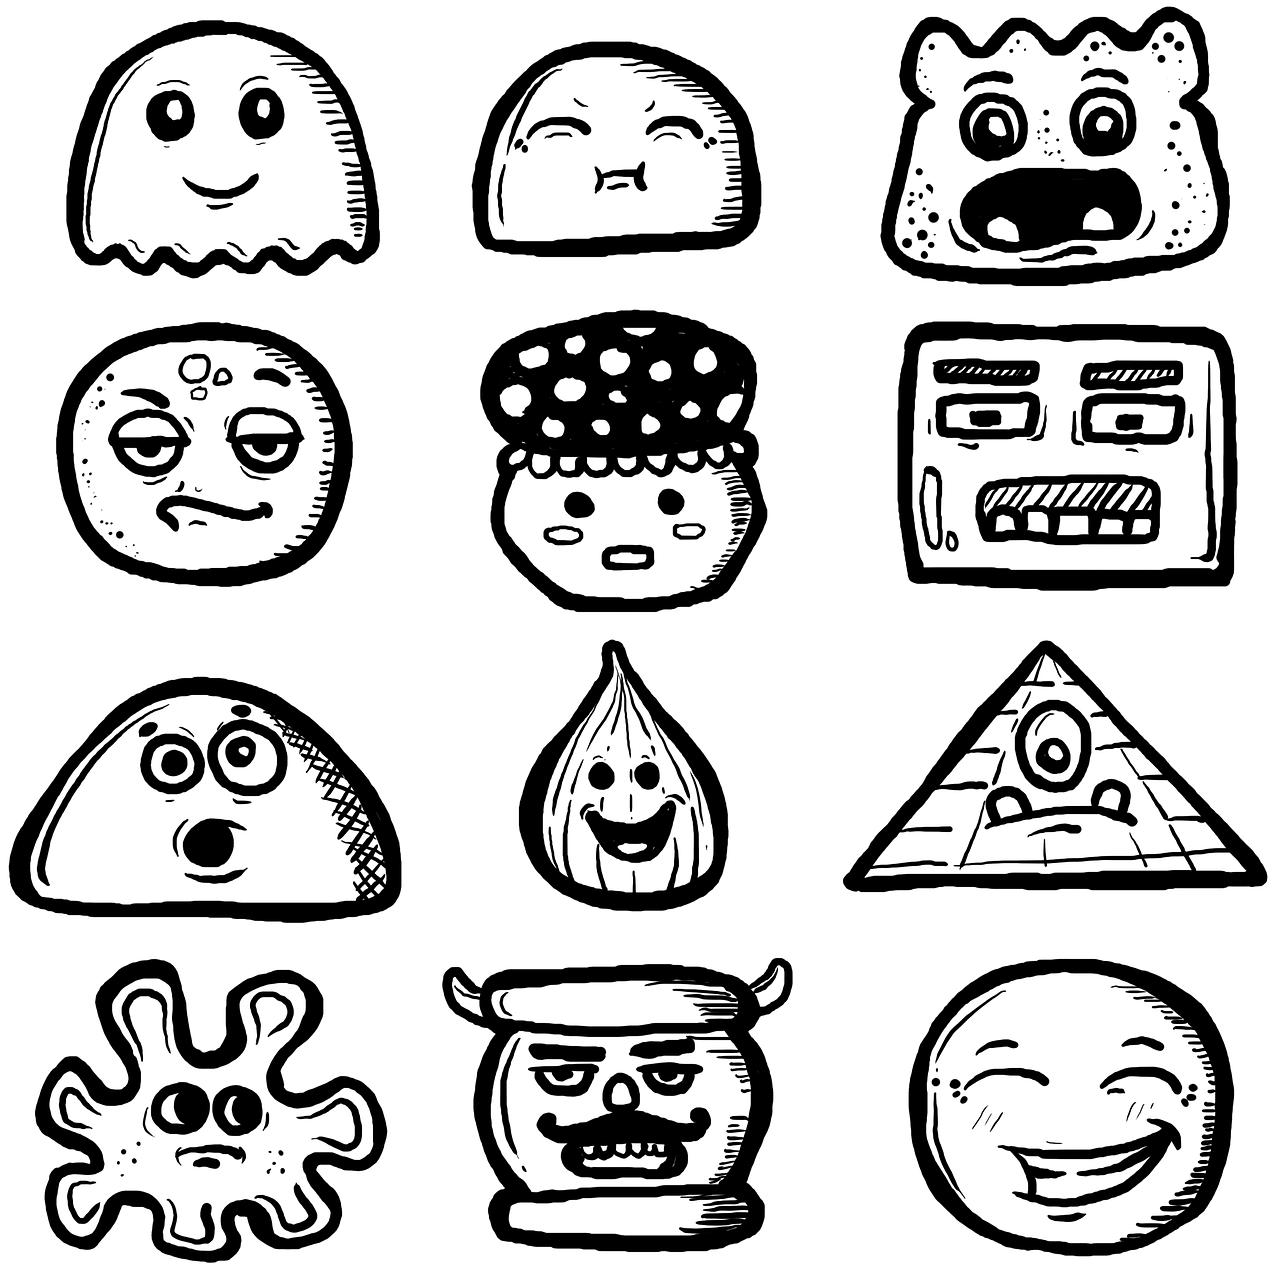 Corat Coret Kartun Digambar Tangan Gambar Gratis Di Pixabay